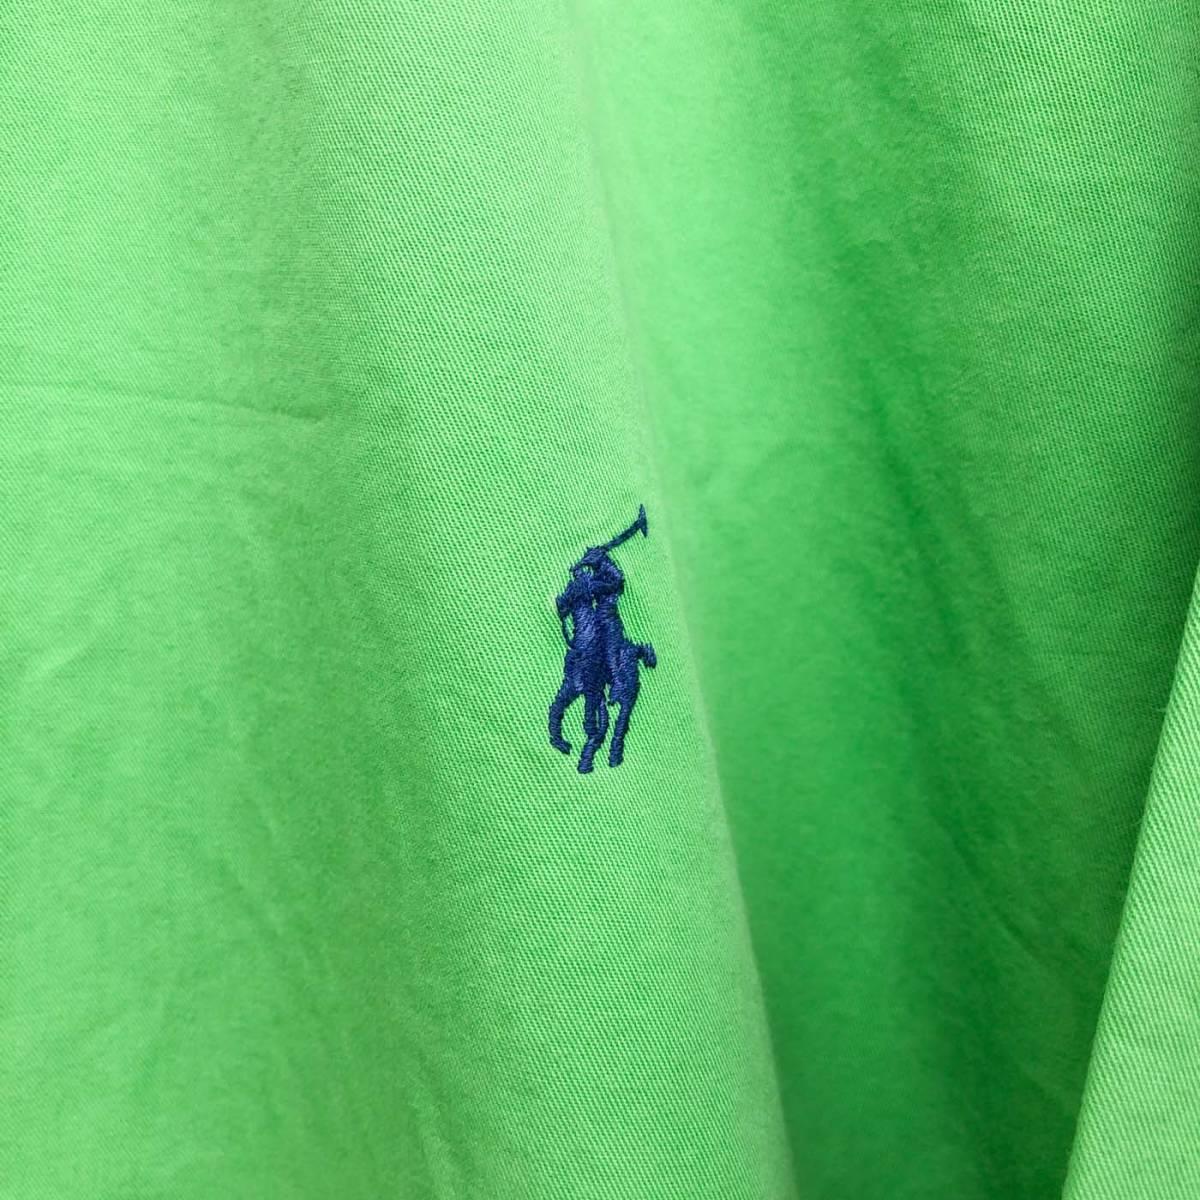 ラルフローレン POLO Ralph Lauren Polo 長袖シャツ メンズ ワンポイント 3XLサイズ 7-241_画像4